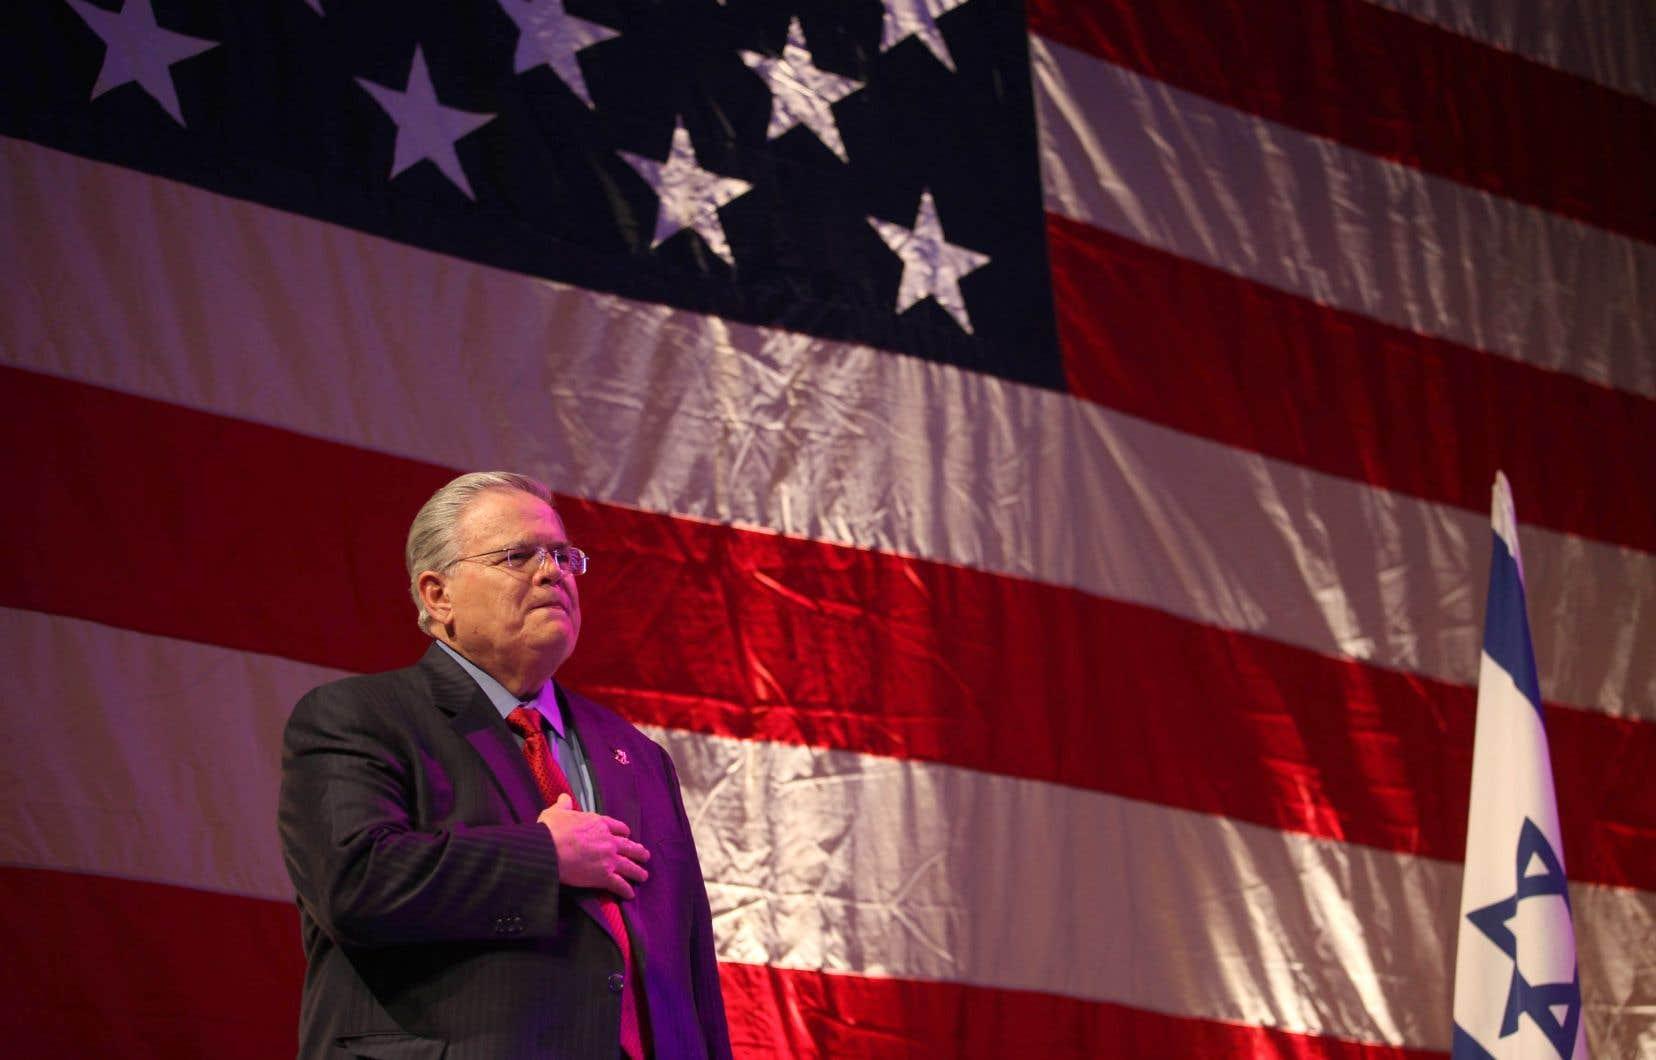 Deux leaders des communautés évangéliques et supporteurs actifs du président Trump durant la dernière élection, Robert Jeffres et John Hagee (notre photo), ont été invités par l'ambassadeur des États-Unis en Israël, David Friedman, à prononcer les discours d'ouverture et de fermeture lors de la cérémonie d'inauguration de la nouvelle ambassade américaine à Jérusalem.